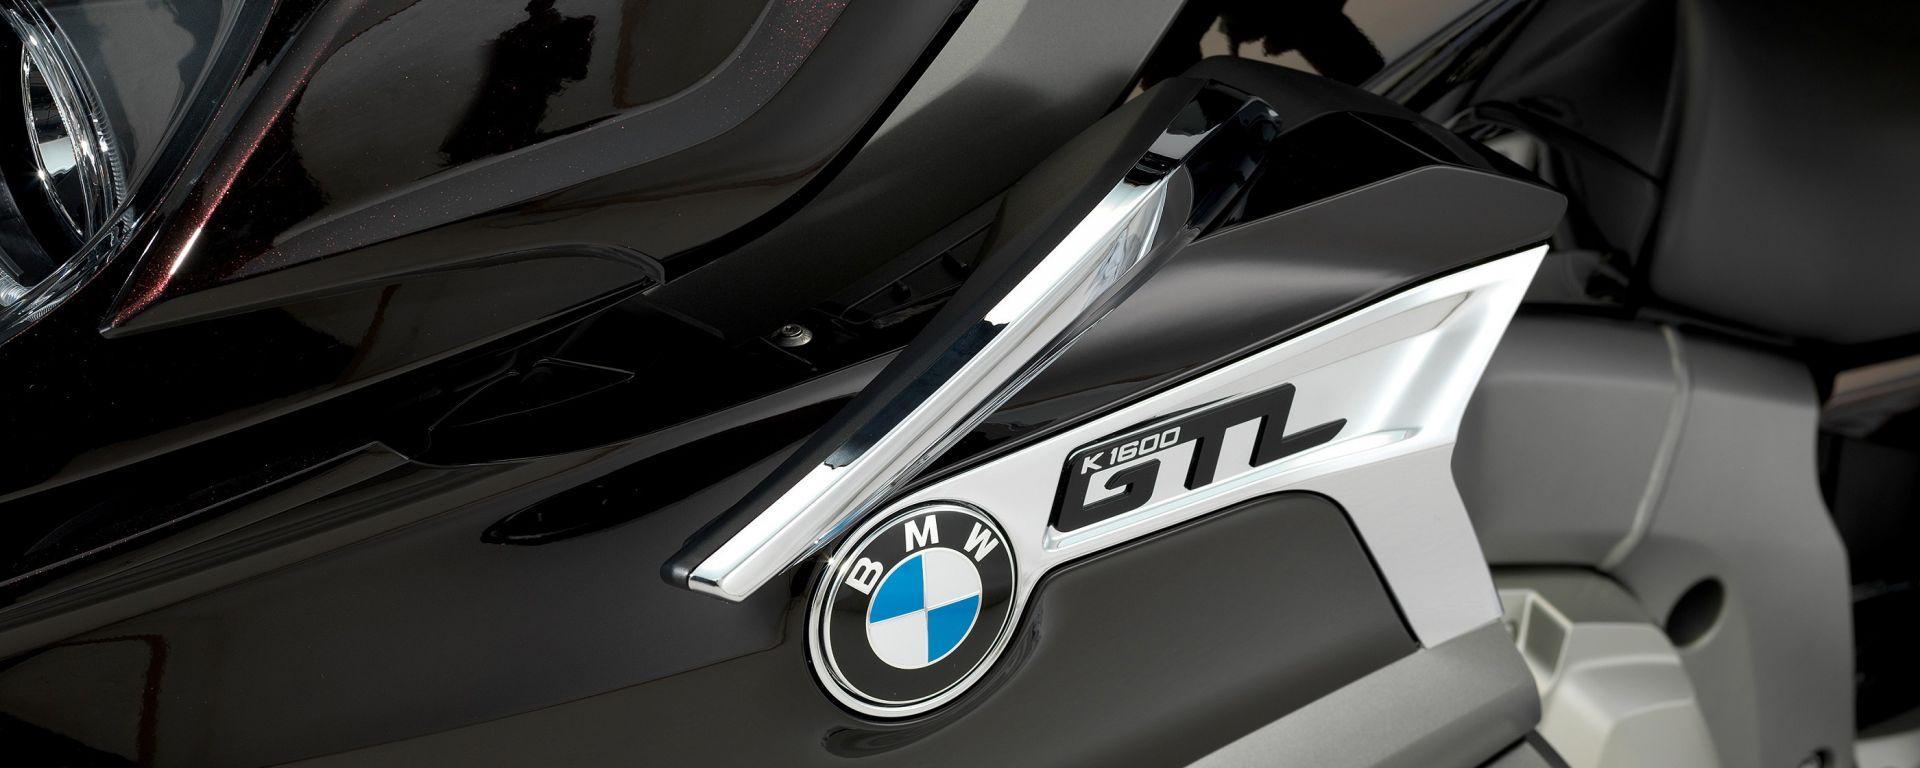 BMW K 1600 GTL 2017, deflettore